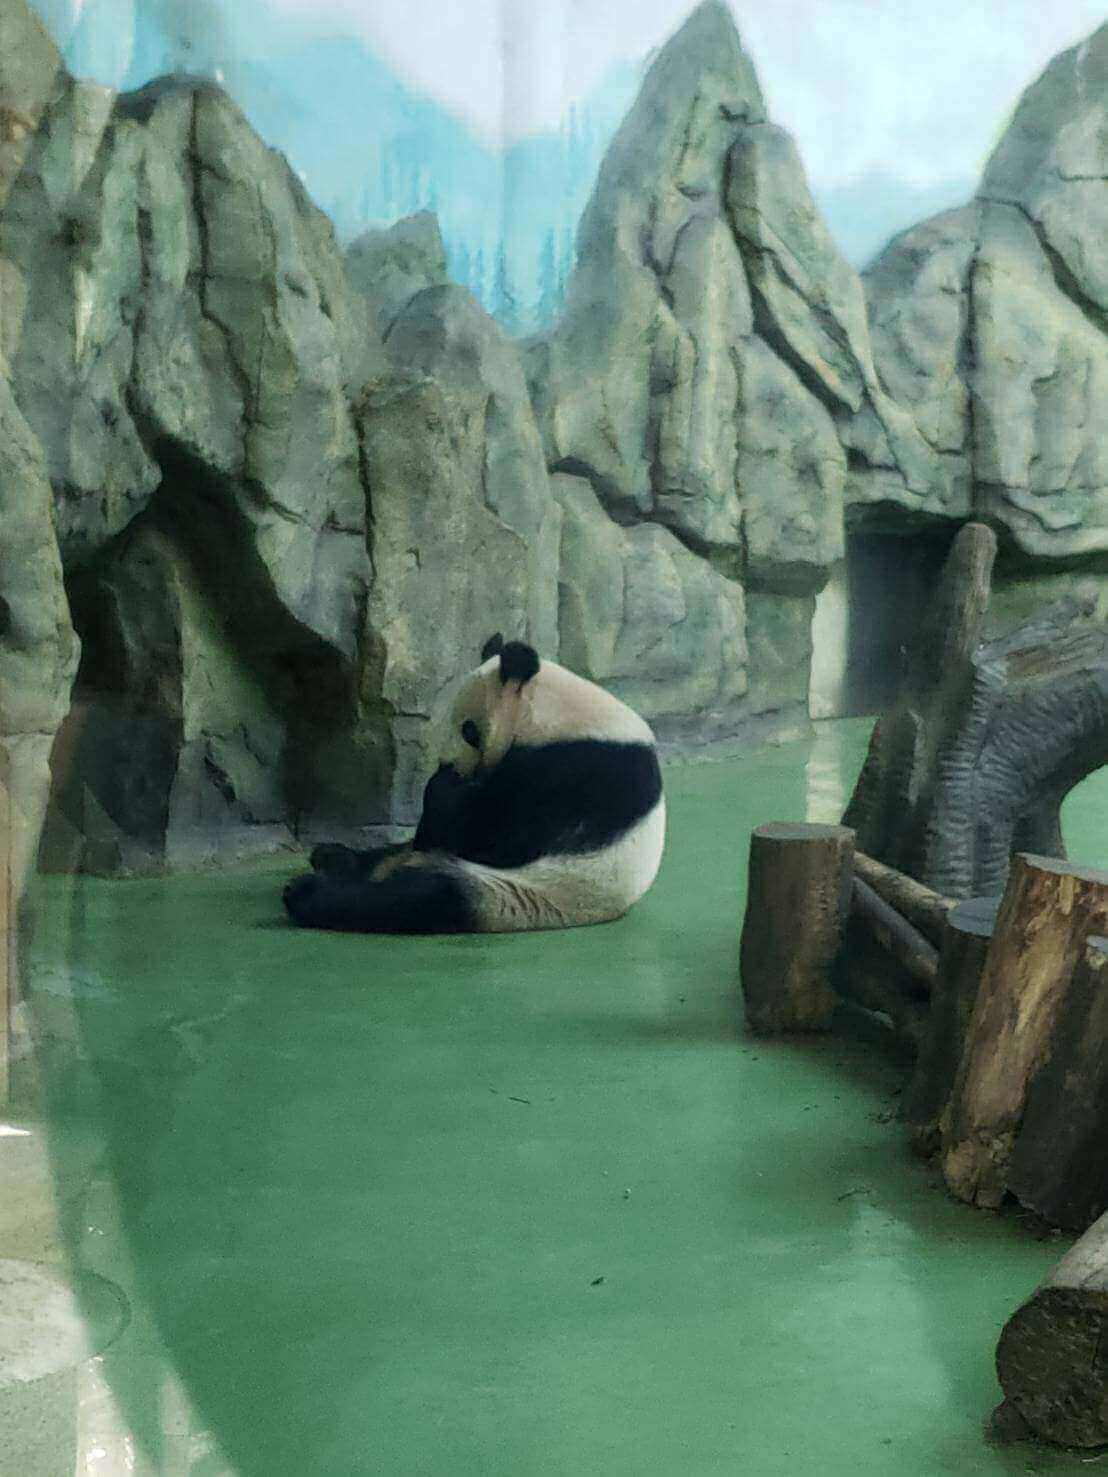 室内にいるパンダ